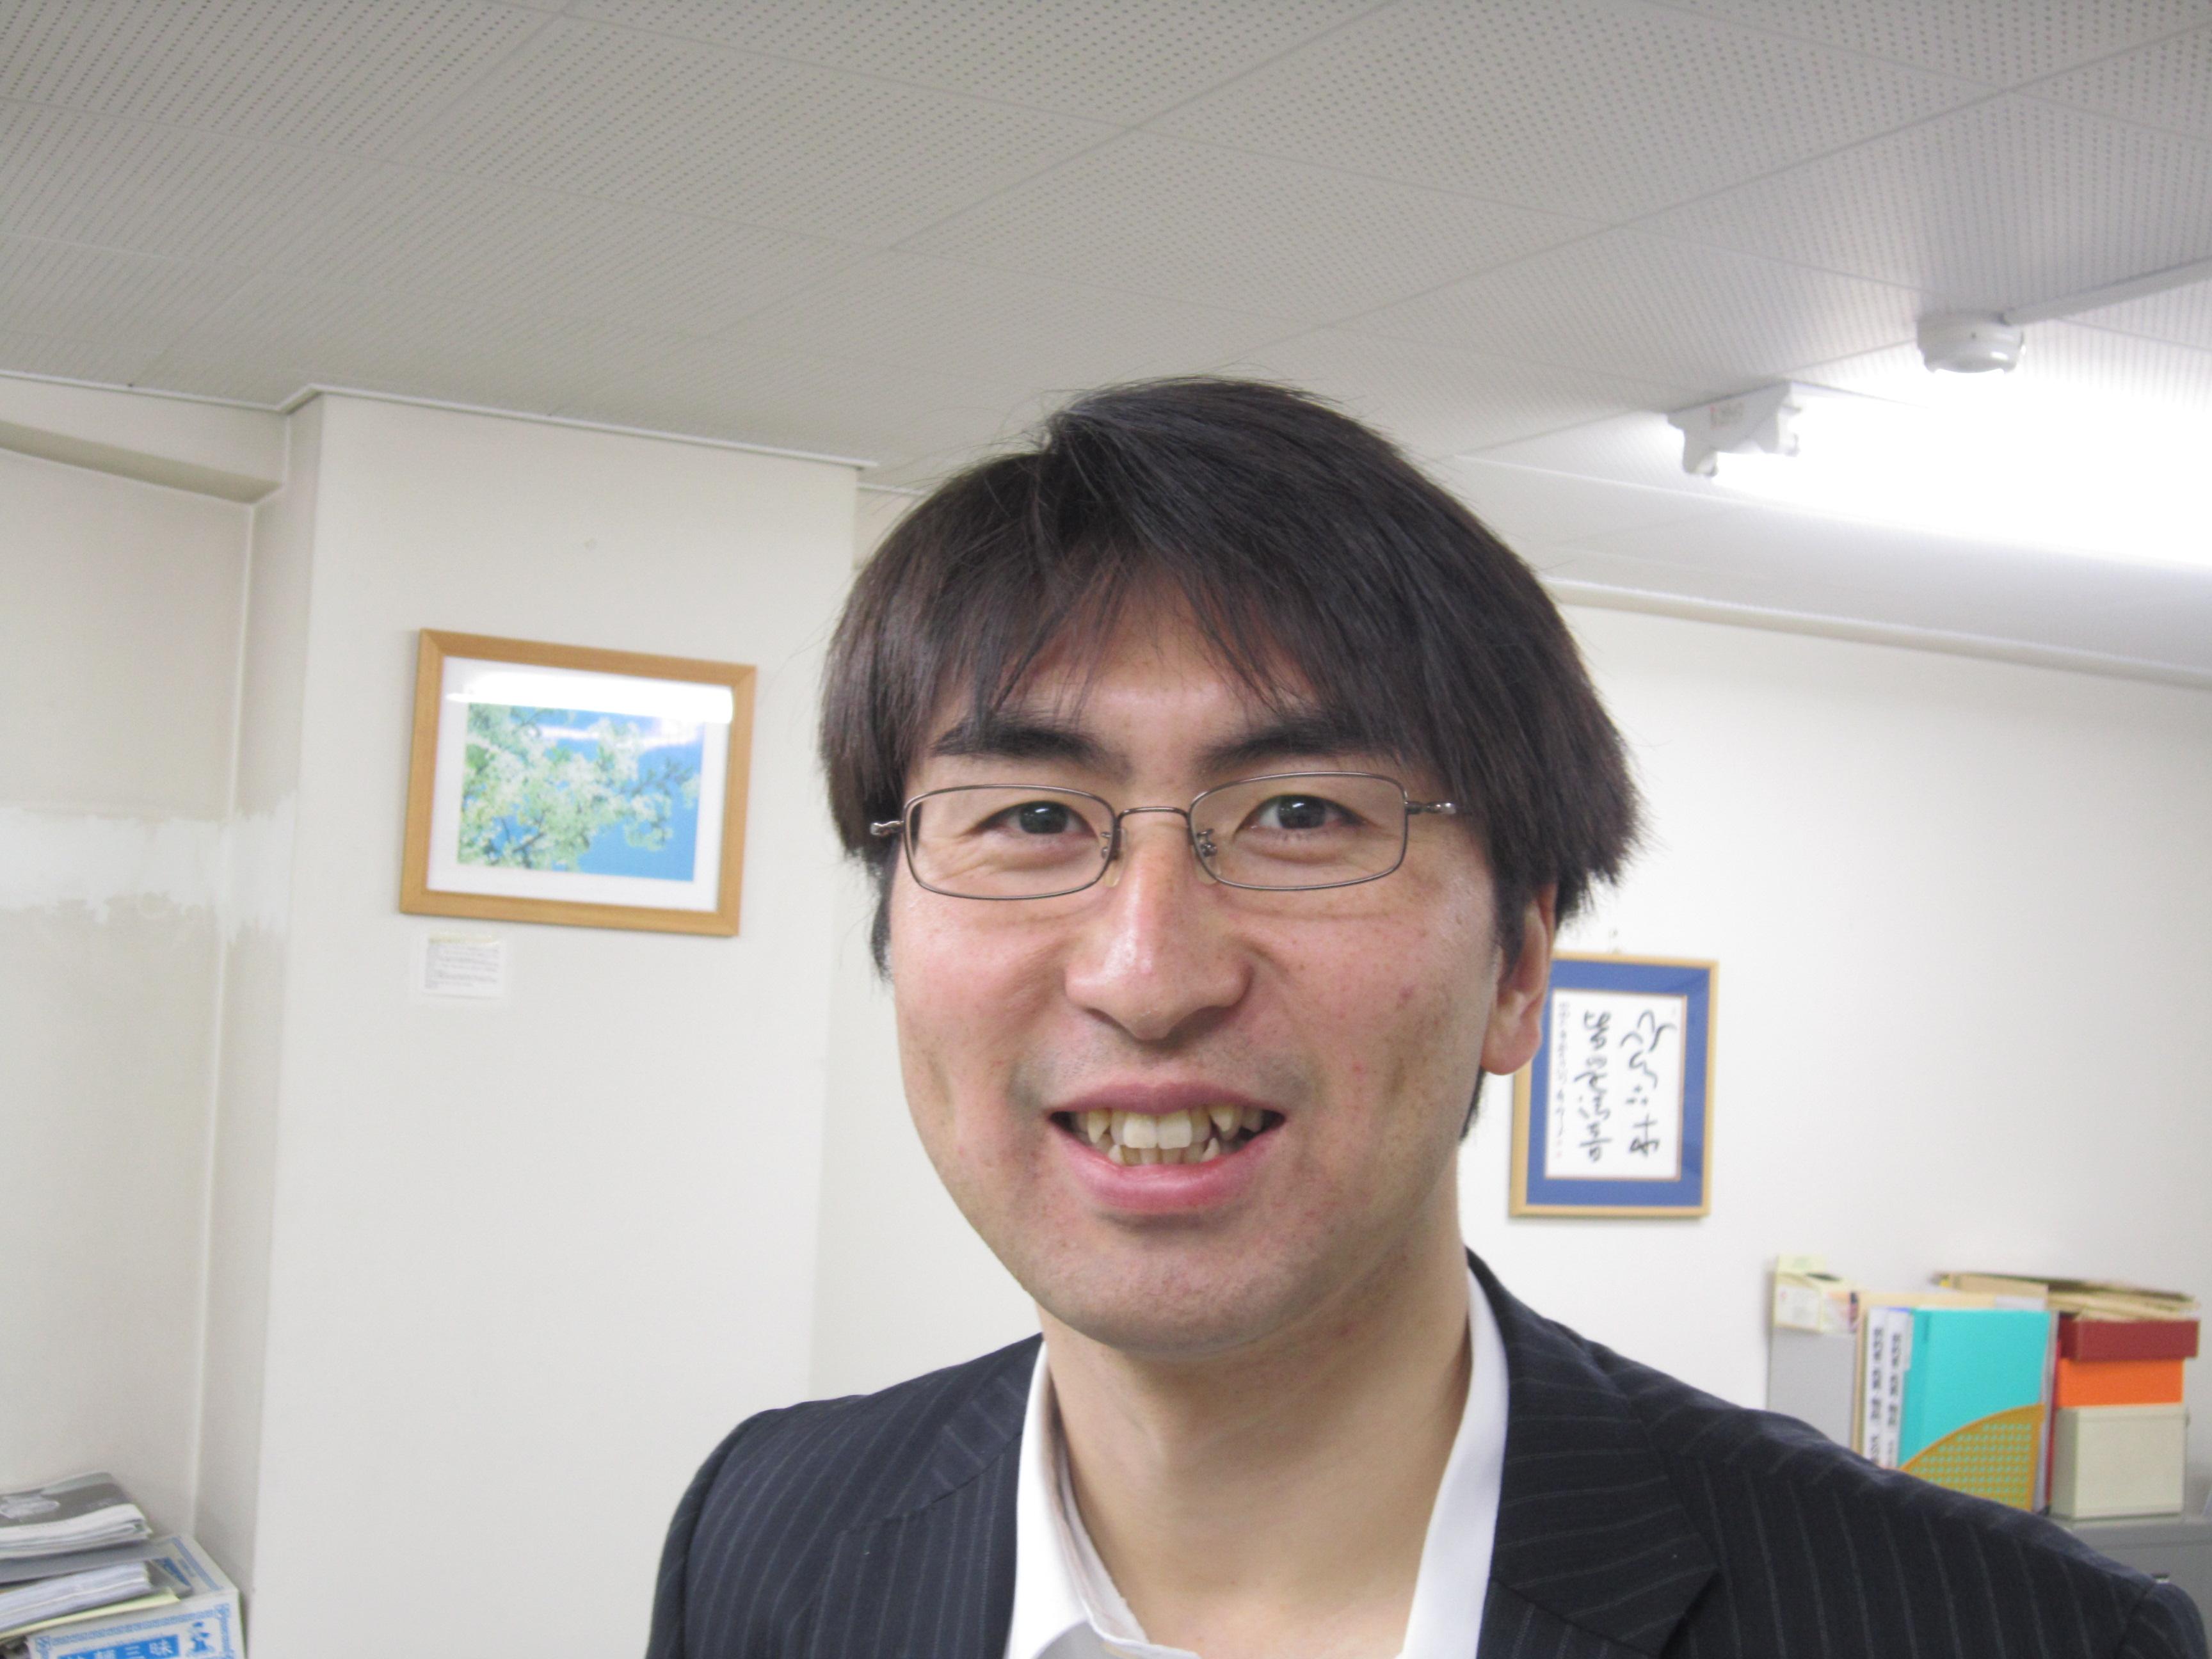 亀井さん.JPG